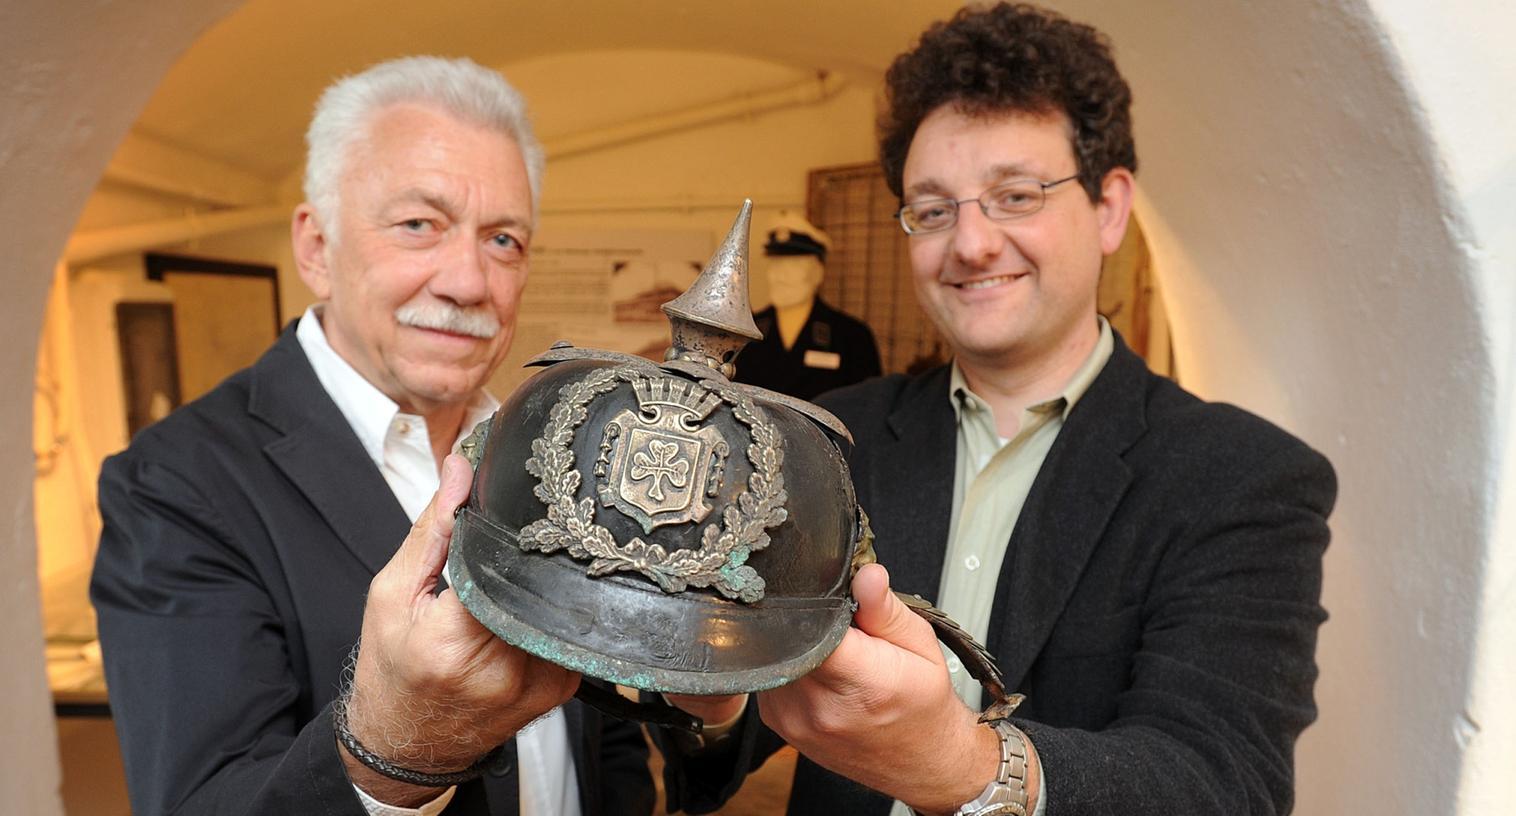 Stadtarchivar Martin Schramm (re.) übergibt Fürths Ex-Polizeichef und Museumsmentor Wilfried Dietsch den schmucken Lederhelm mit Kleeblatt-Wappen.